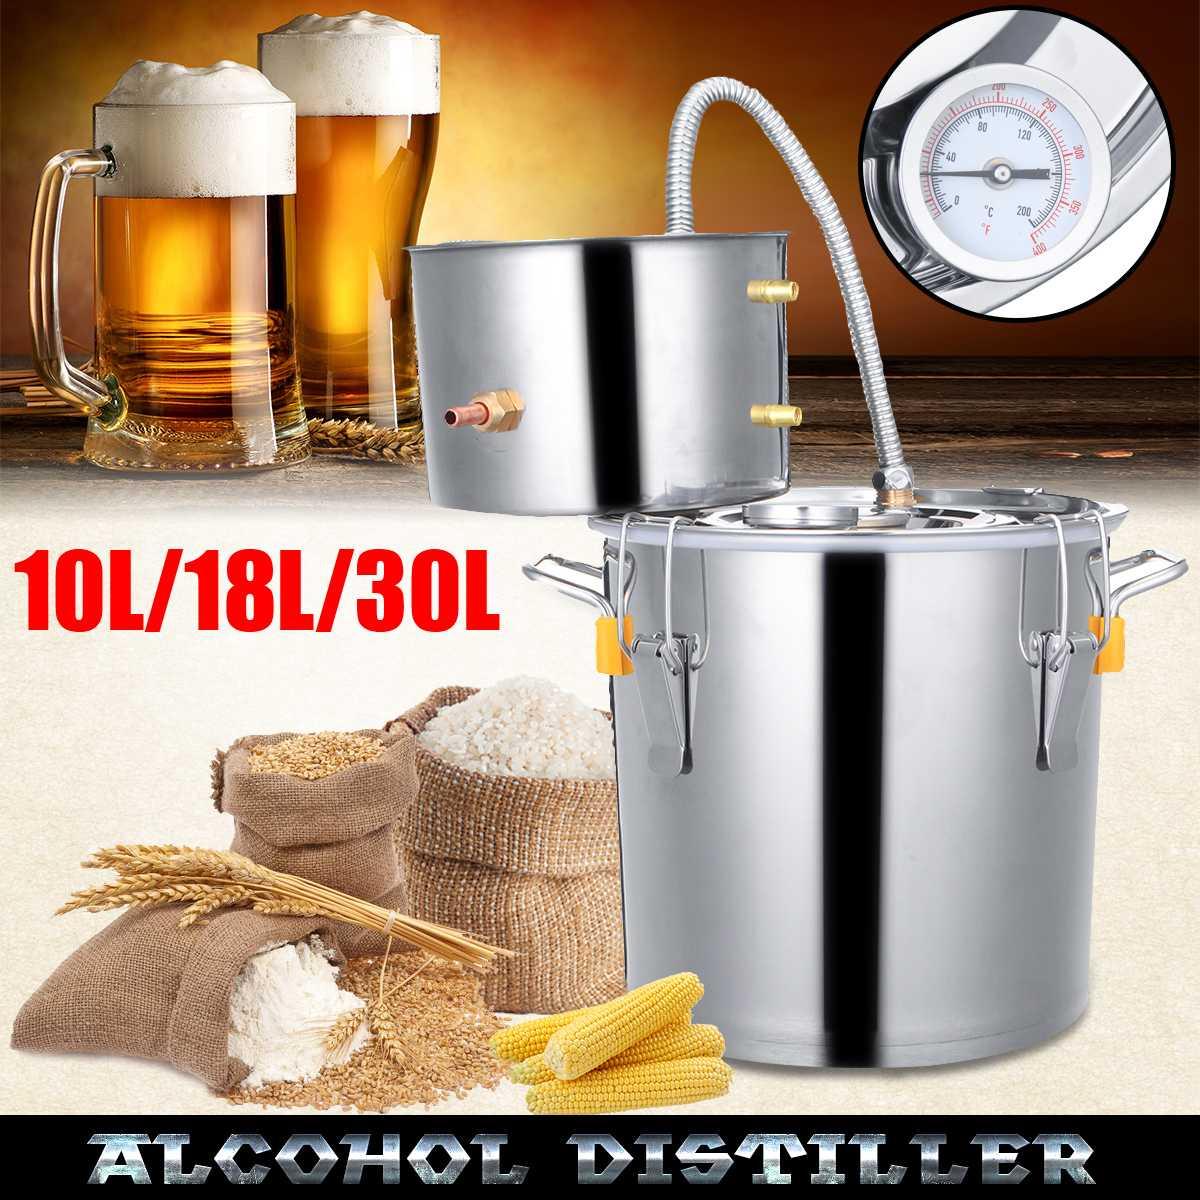 10L/18L/30L Wine Beer Alcohol Distiller Moonshine Alcohol Home DIY Brewing Kit  Home Distiller Stainless Distiller Equipment